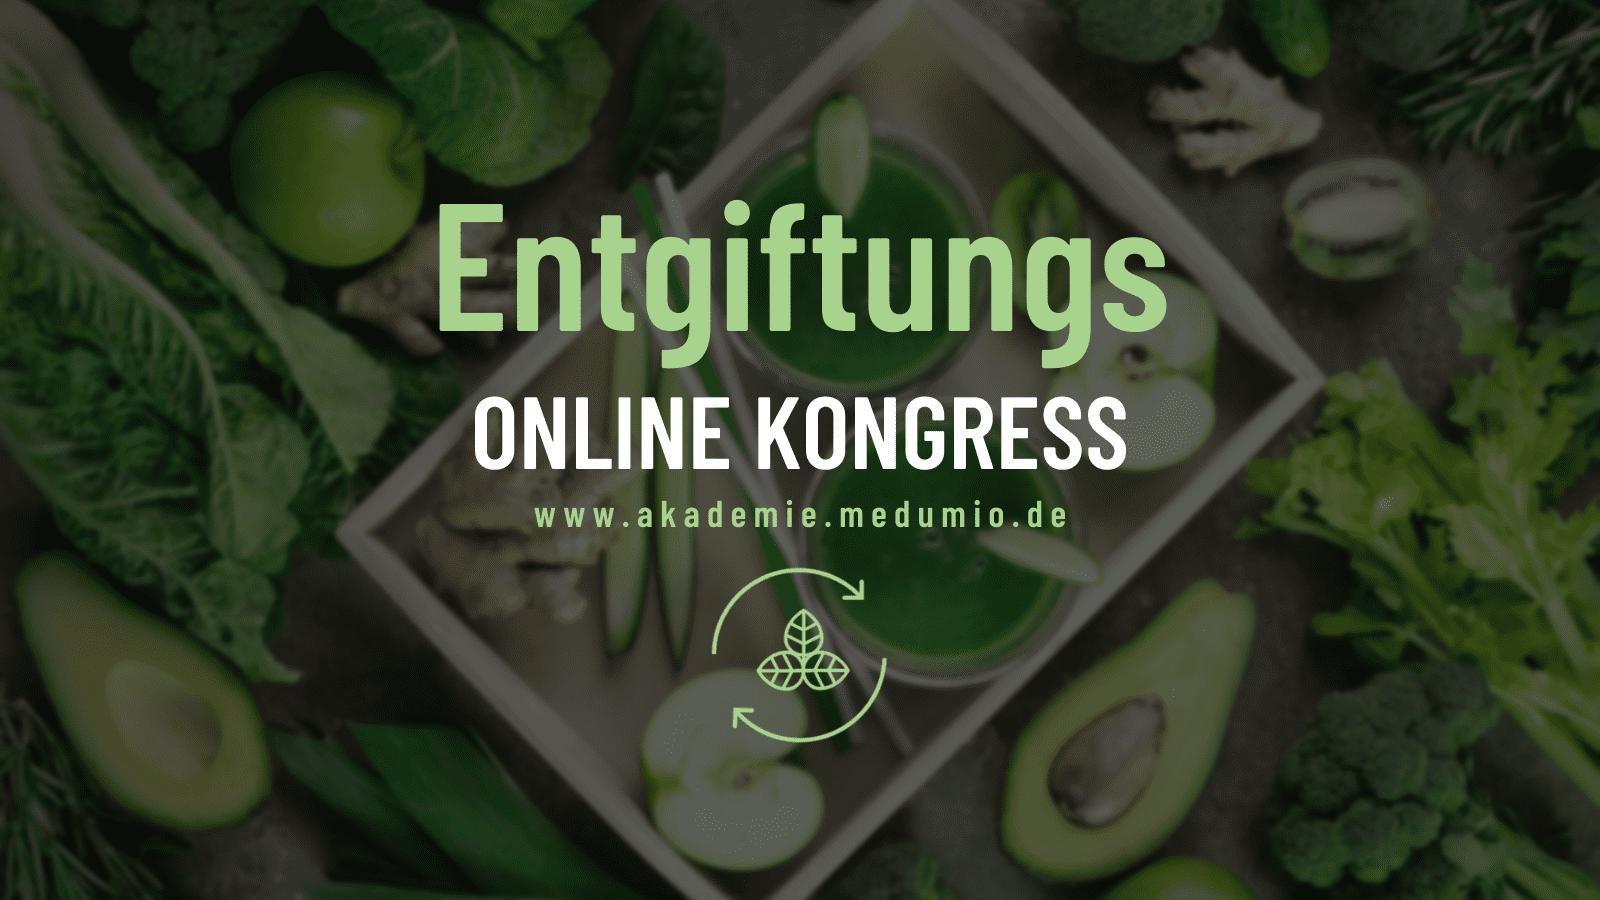 Online Entgiftungskongress 2021